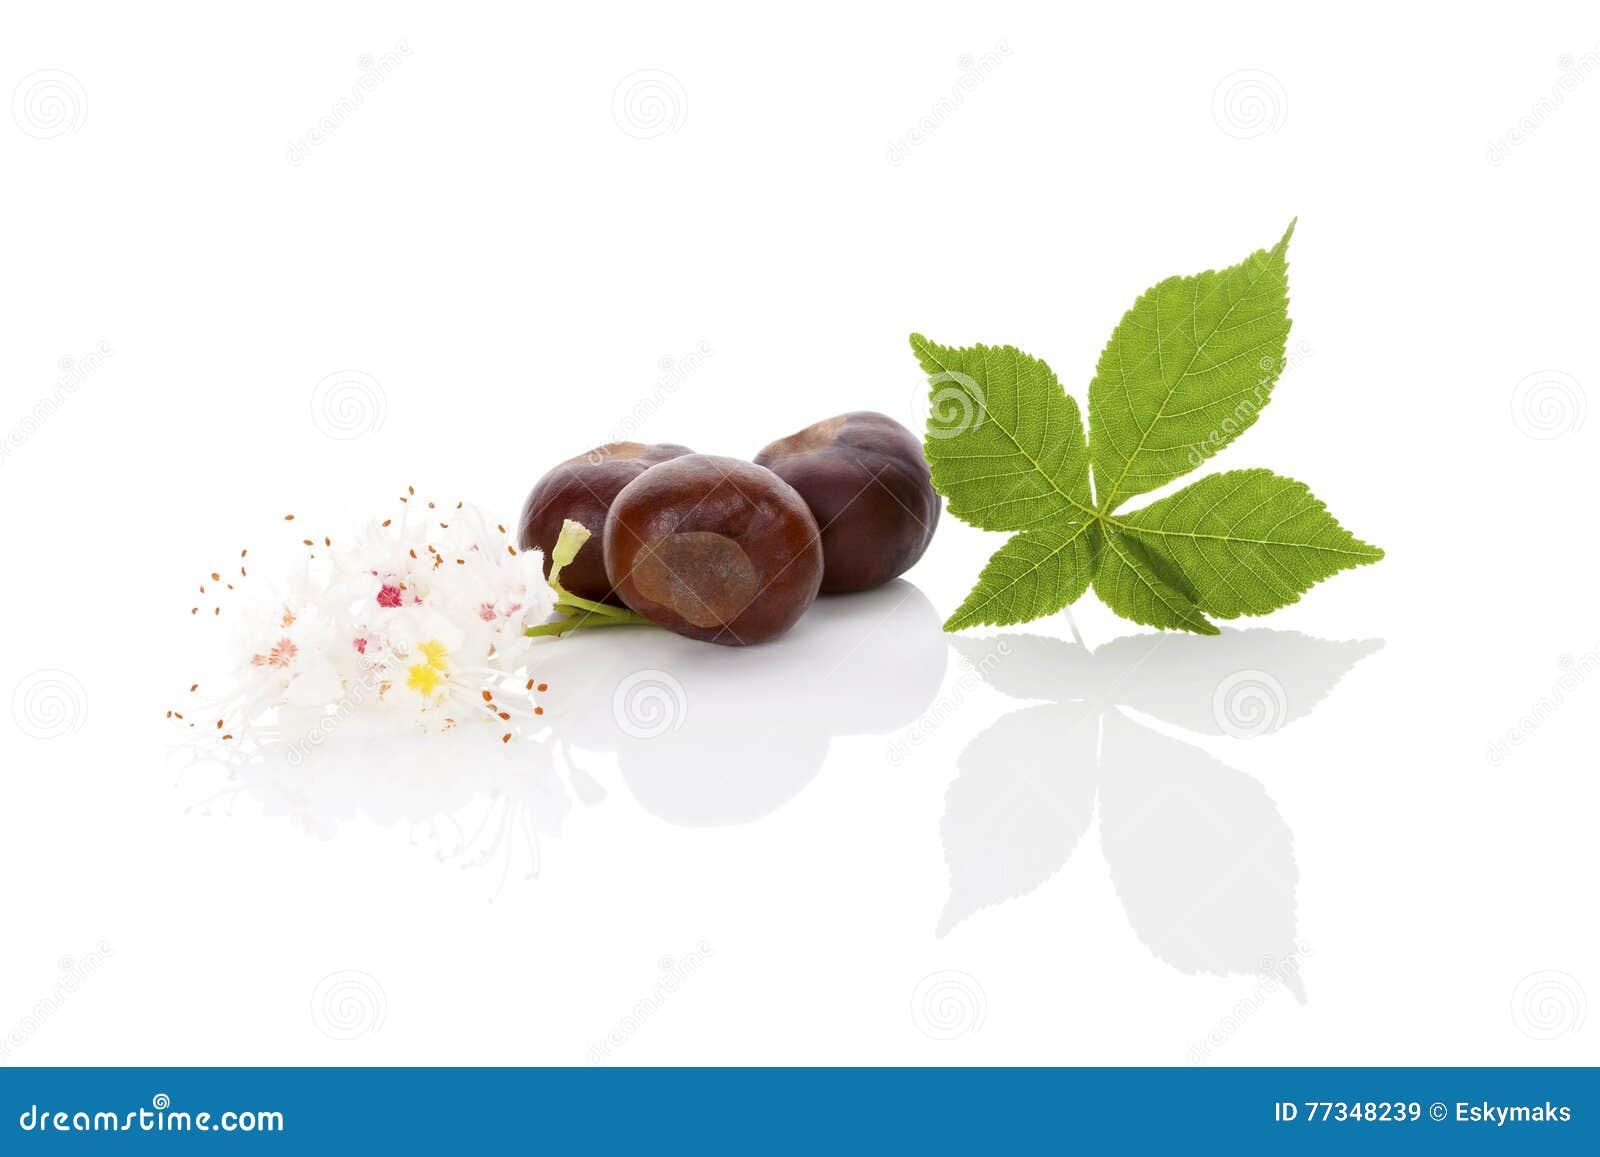 Horse Chestnut Background Stock Image Image Of Botanical 77348239